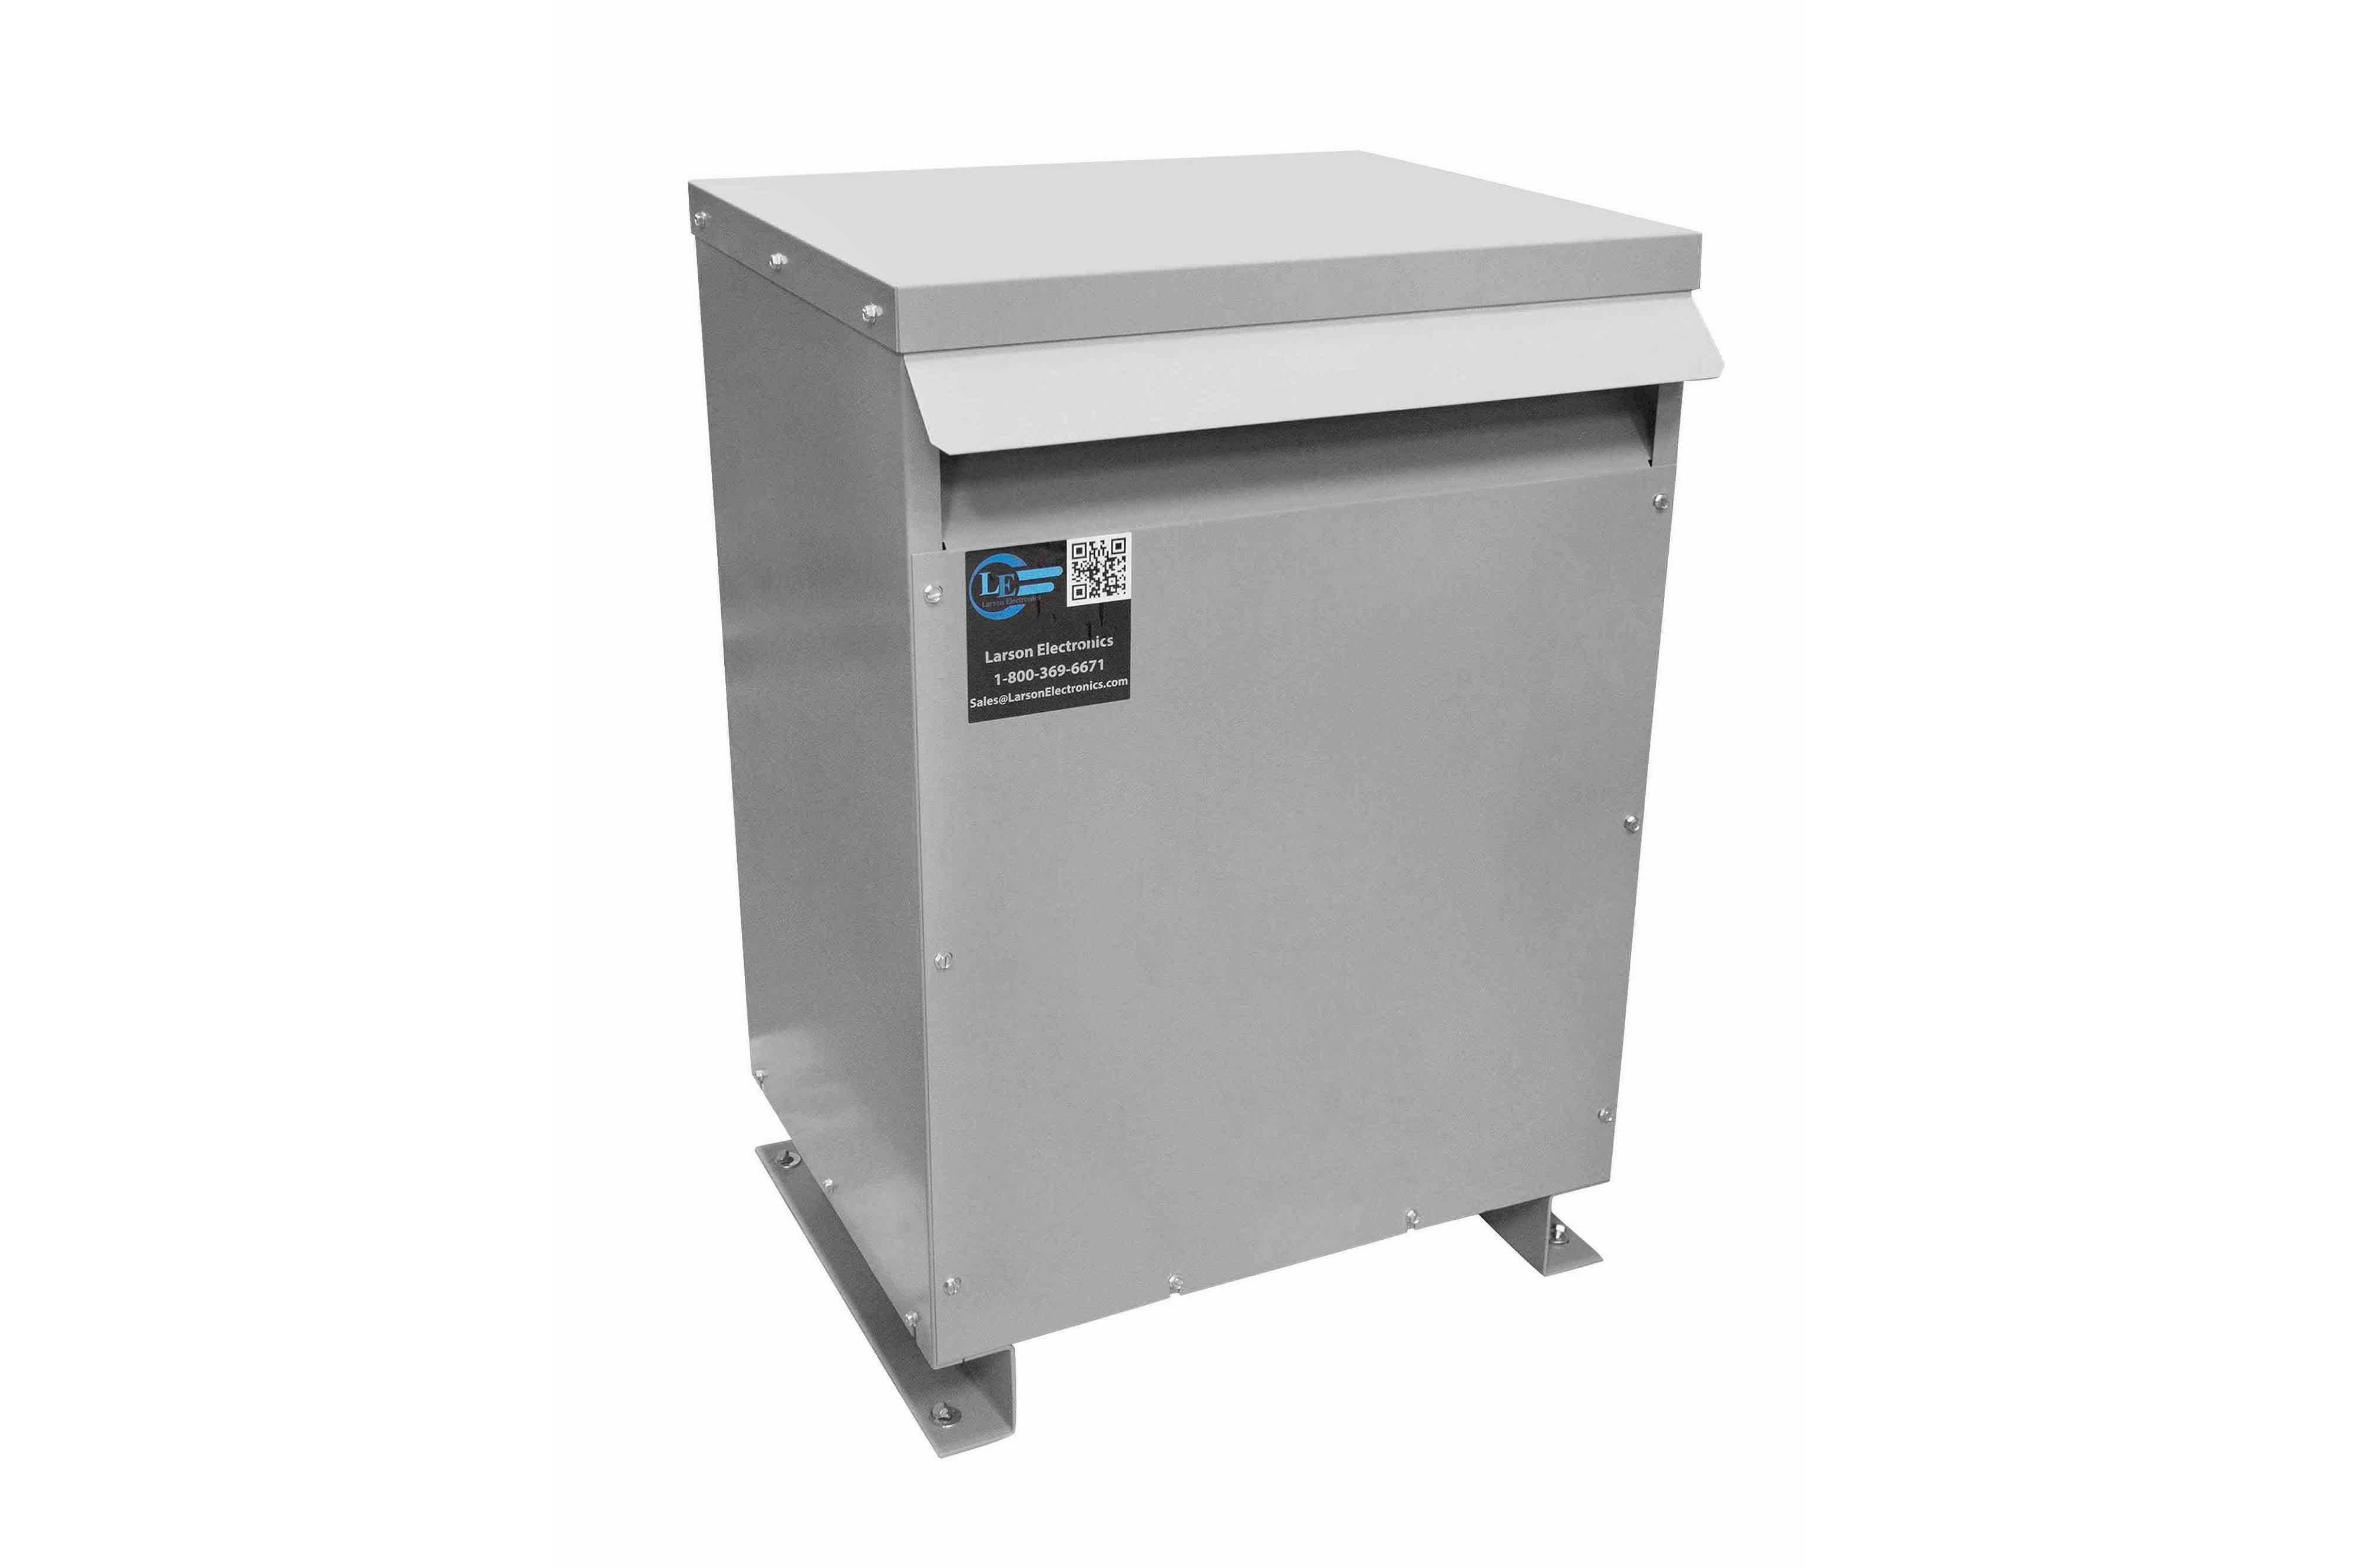 225 kVA 3PH DOE Transformer, 480V Delta Primary, 240V/120 Delta Secondary, N3R, Ventilated, 60 Hz